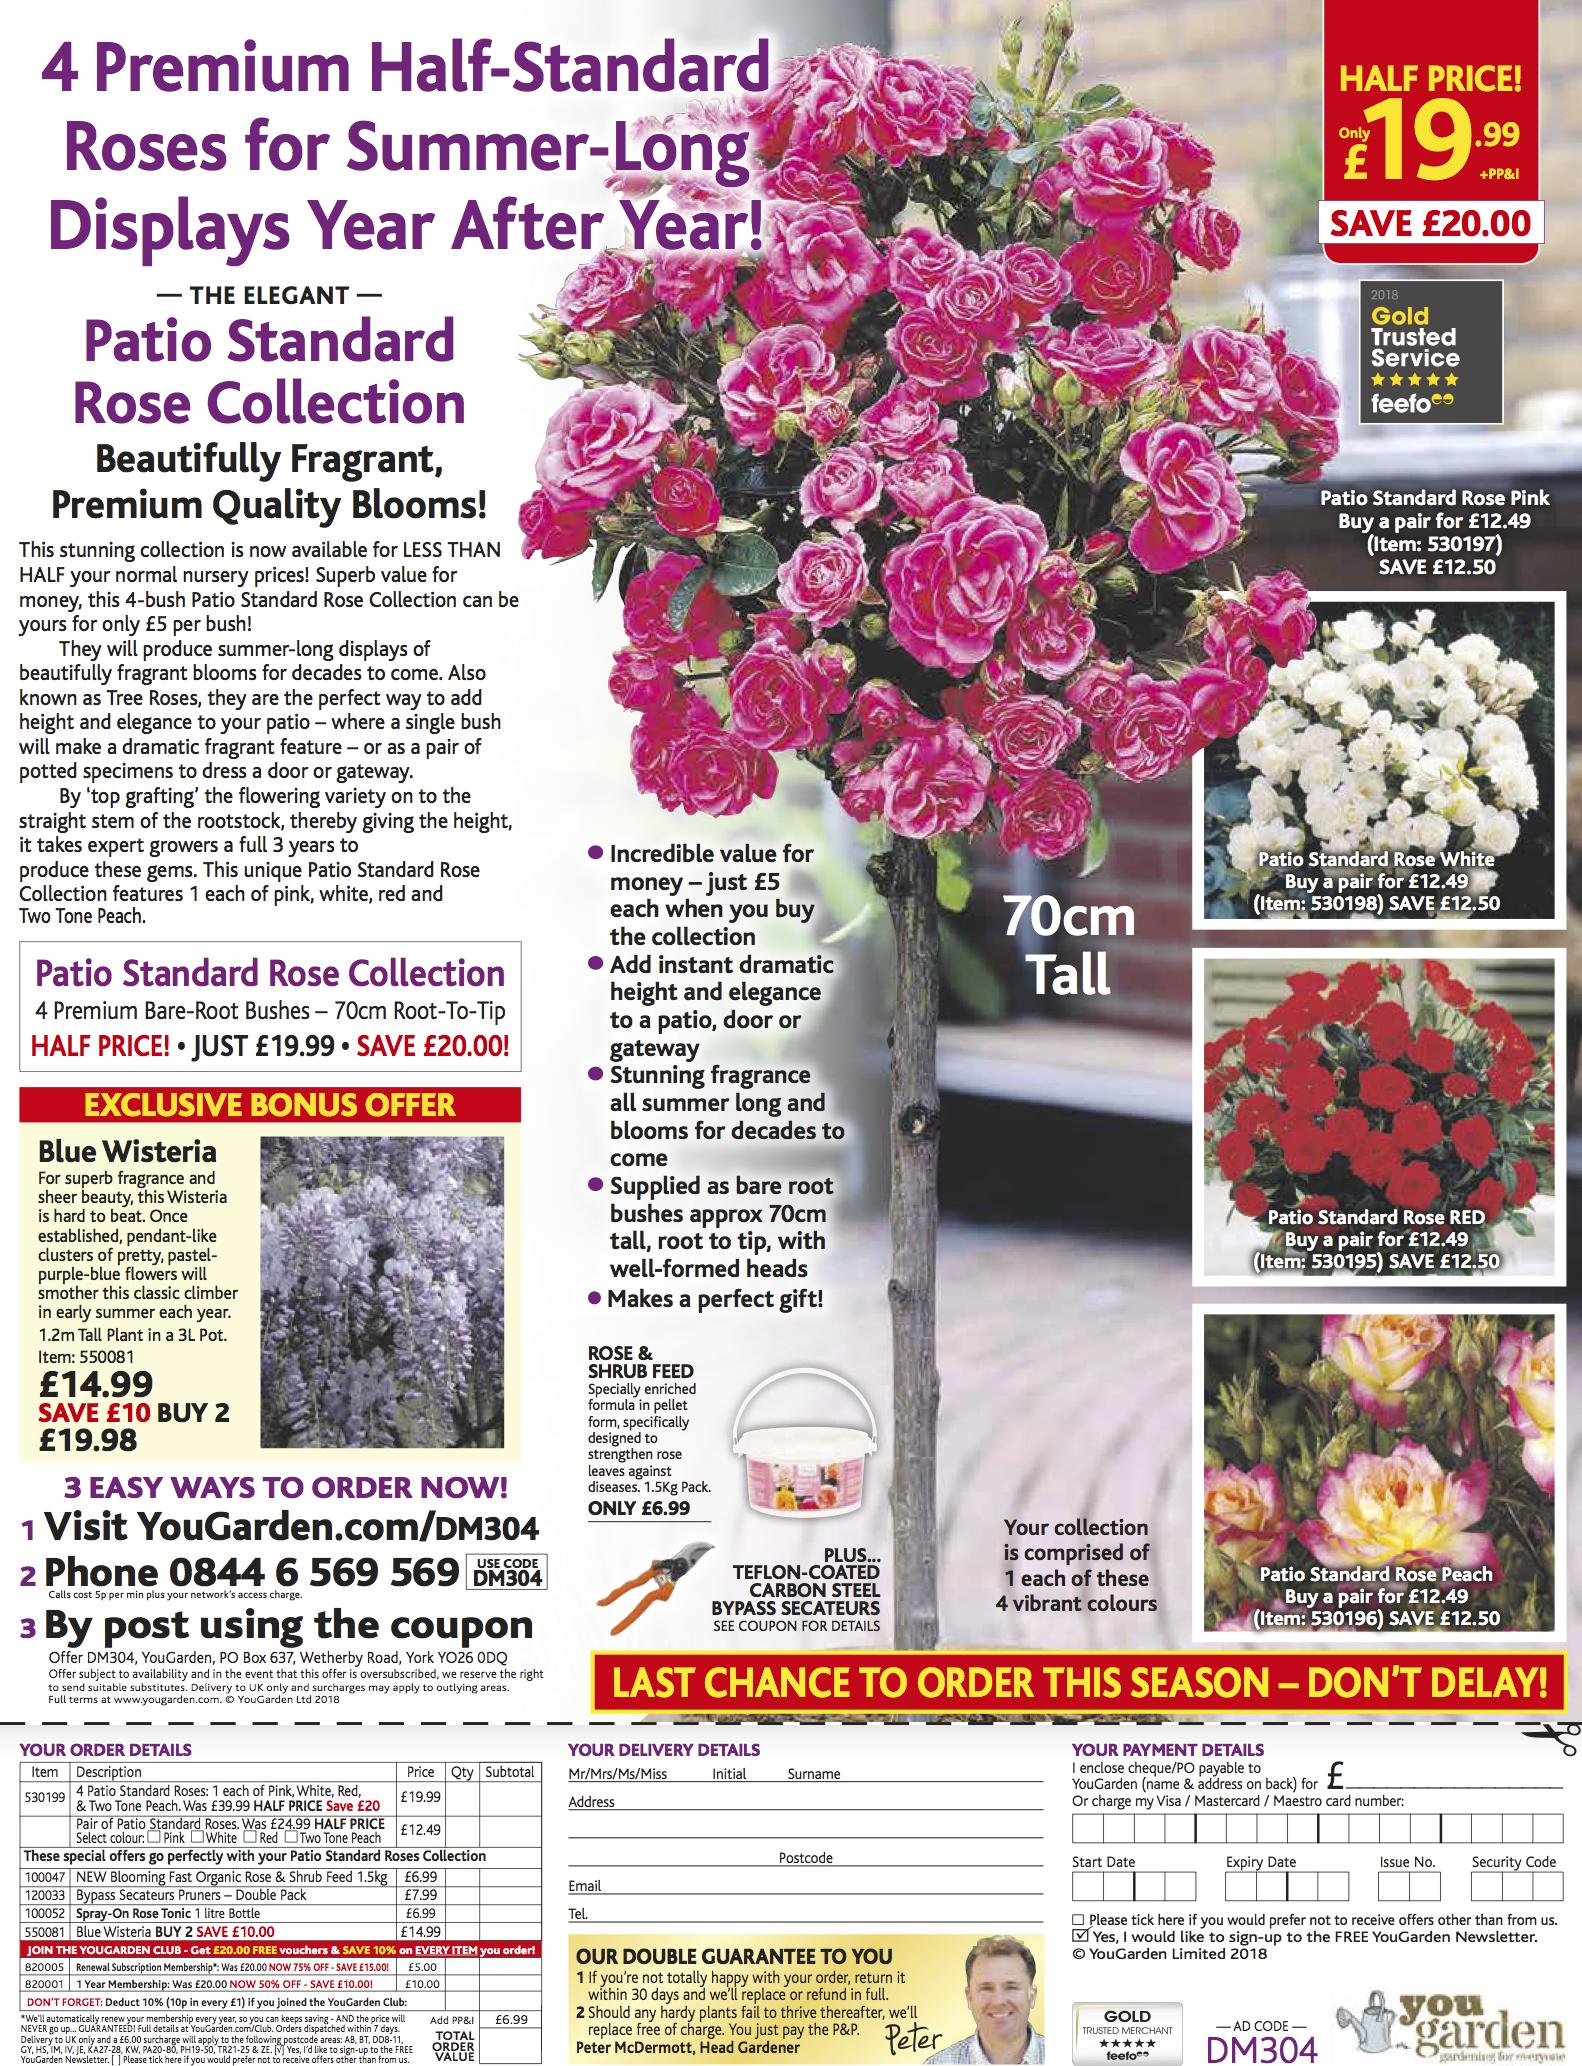 YOUGDN Patio Roses - DMAIL B 19.4